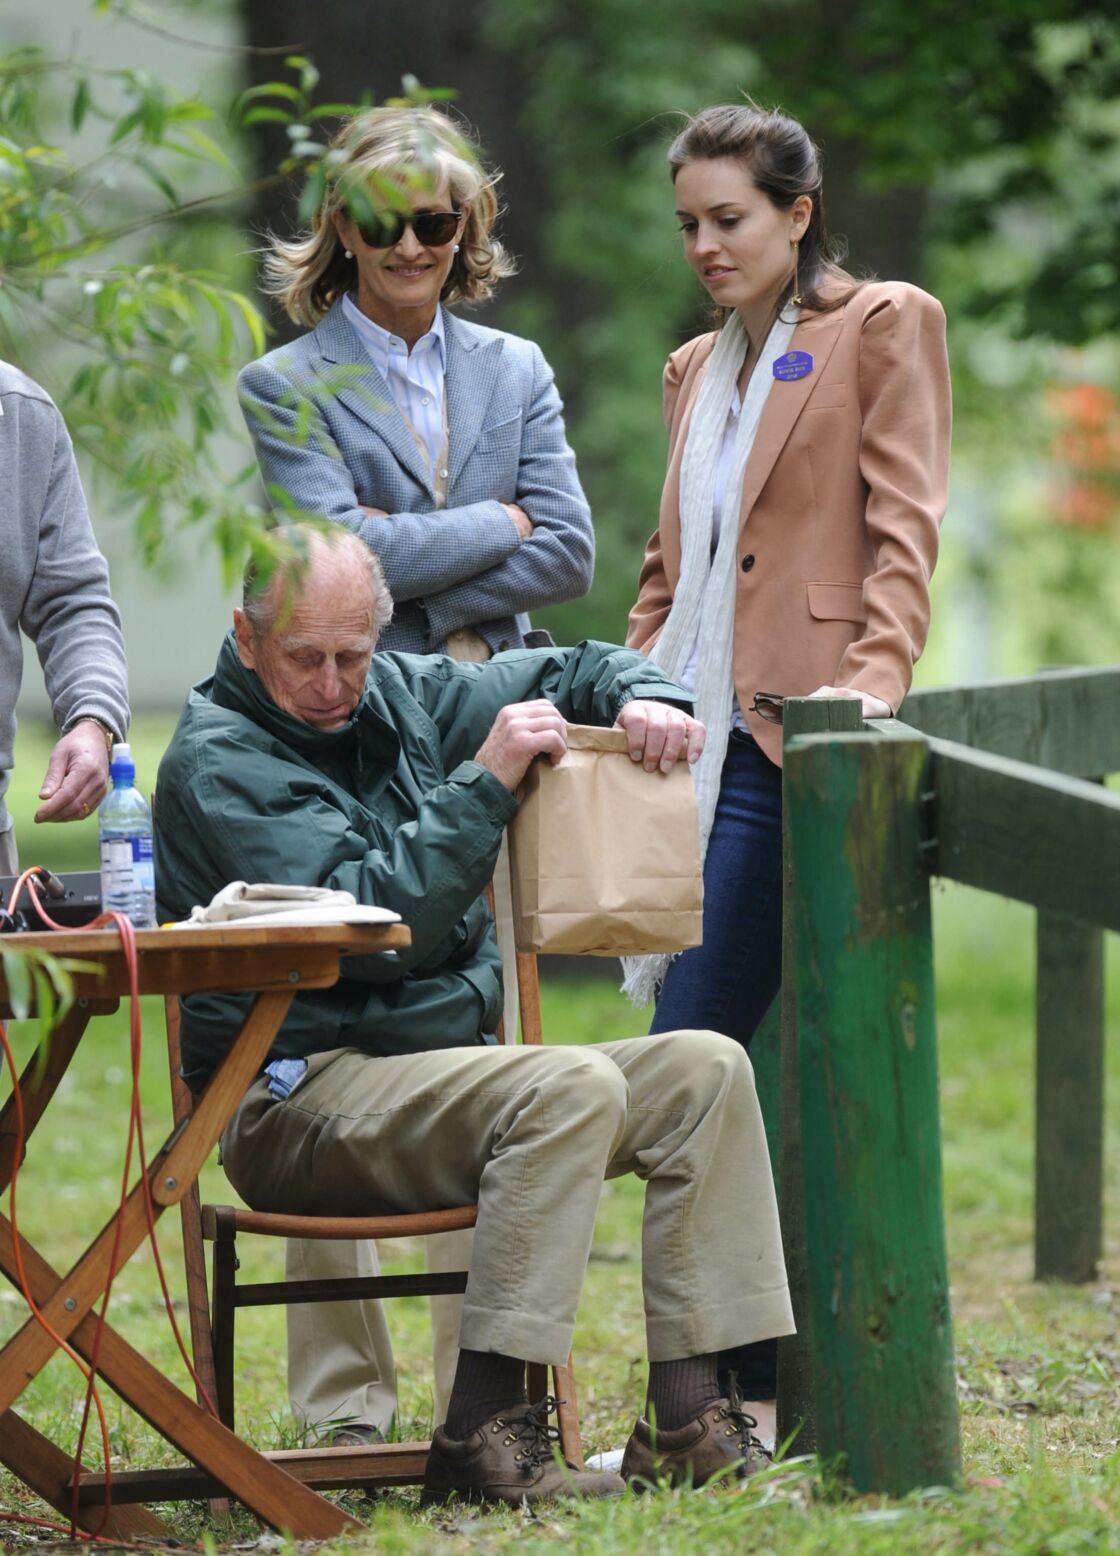 Lady Penny Bradbourne, avec sa fille Alexandra et le prince Philip, à Windsor, en mai 2017. Une proximité qui s'explique : le mari de la comtesse, Norton Knatchbull, était un filleul de feu le duc d'Edimbourg.